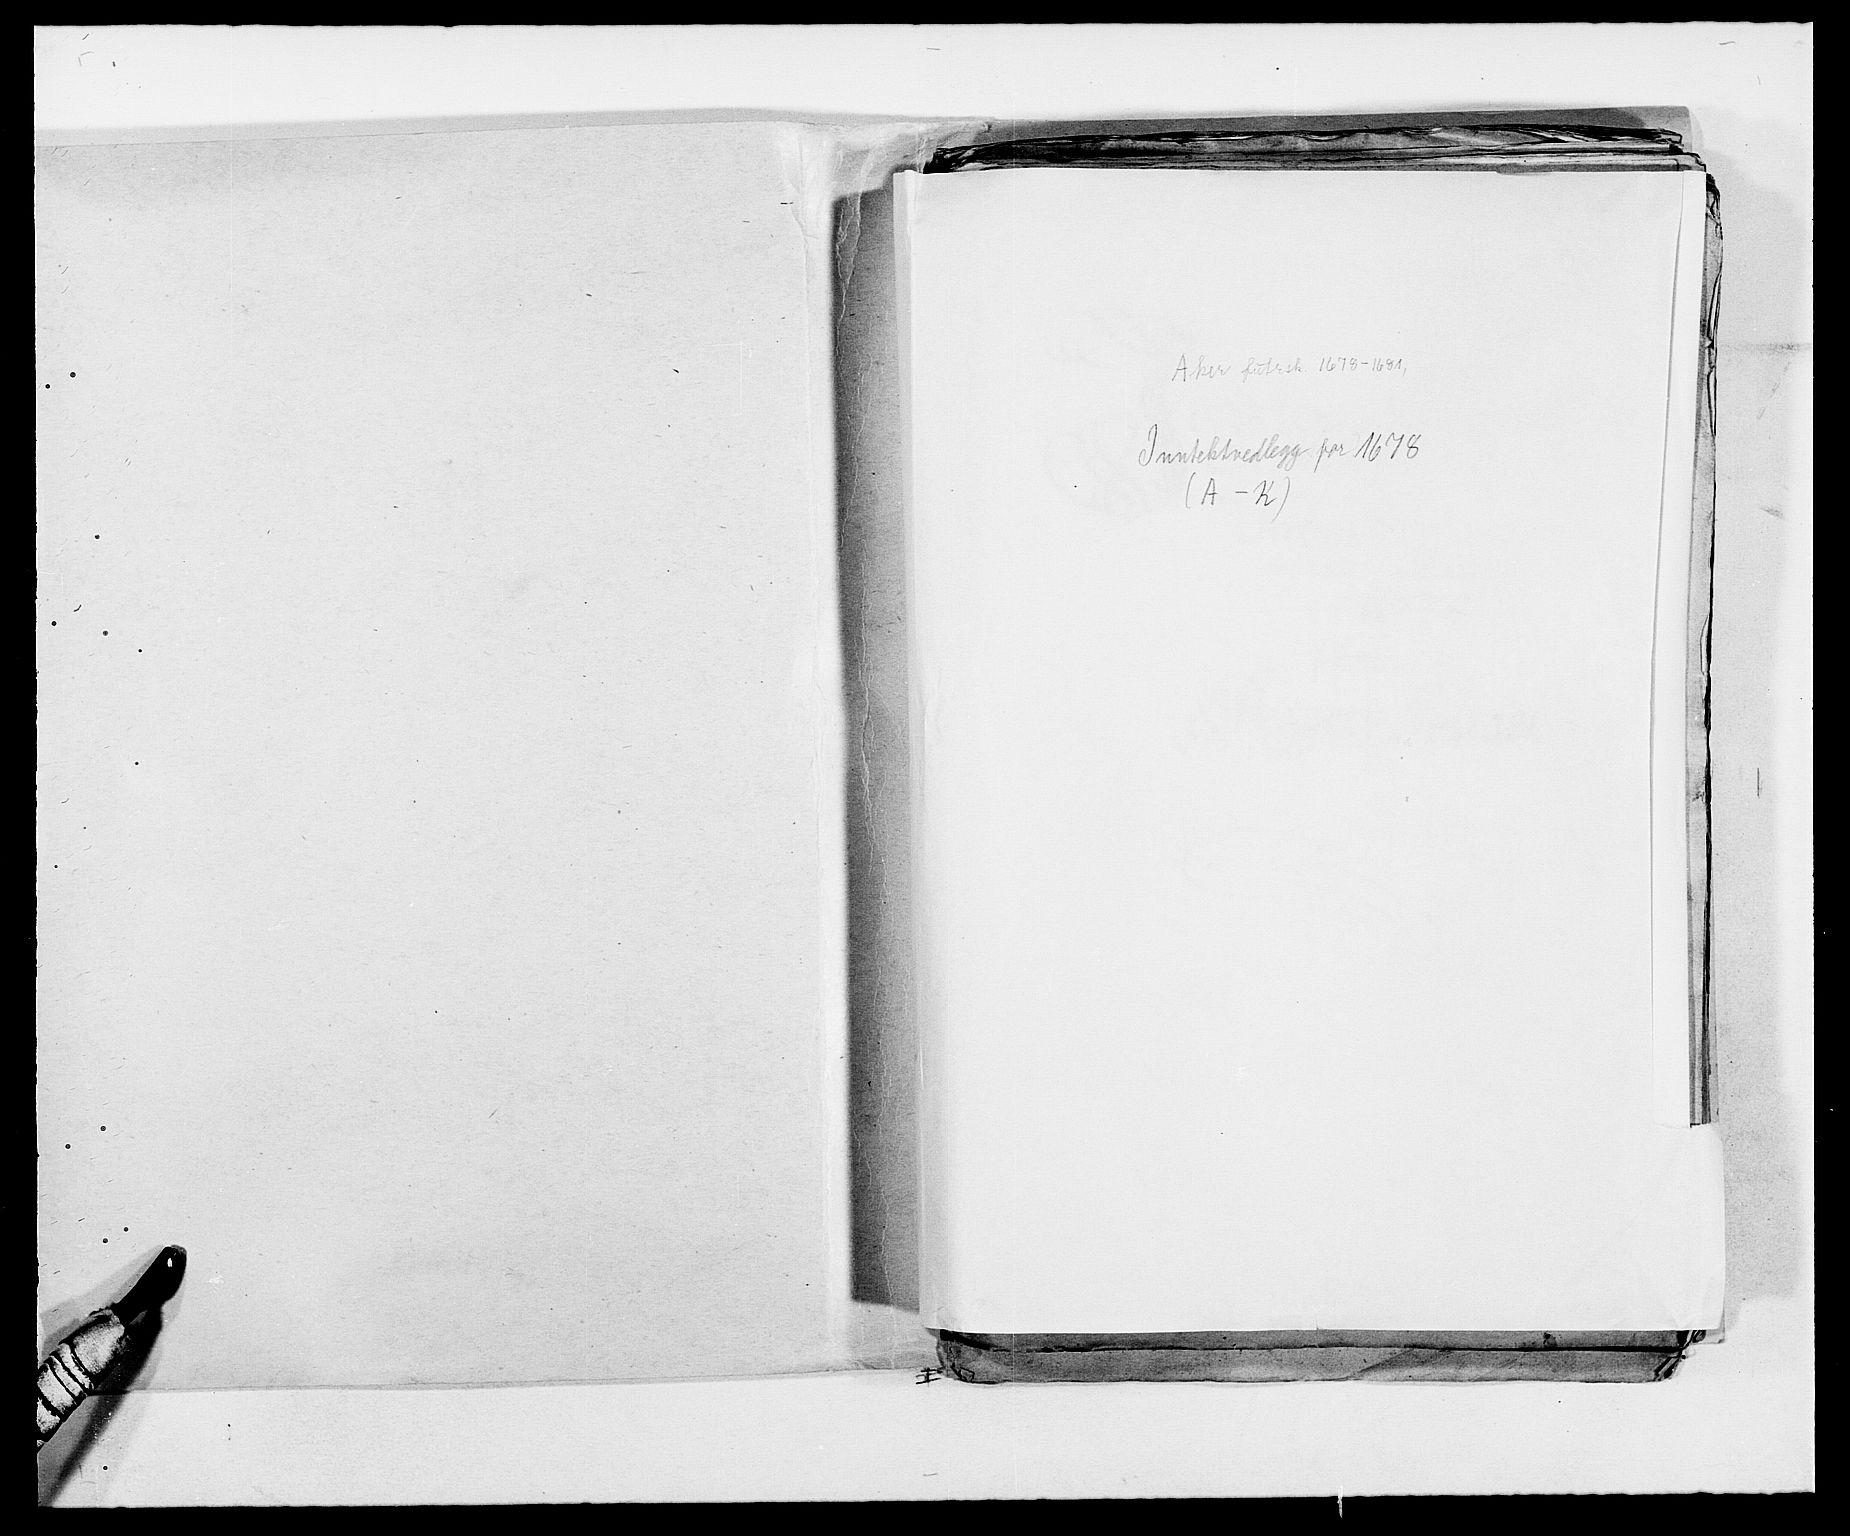 RA, Rentekammeret inntil 1814, Reviderte regnskaper, Fogderegnskap, R08/L0416: Fogderegnskap Aker, 1678-1681, s. 160